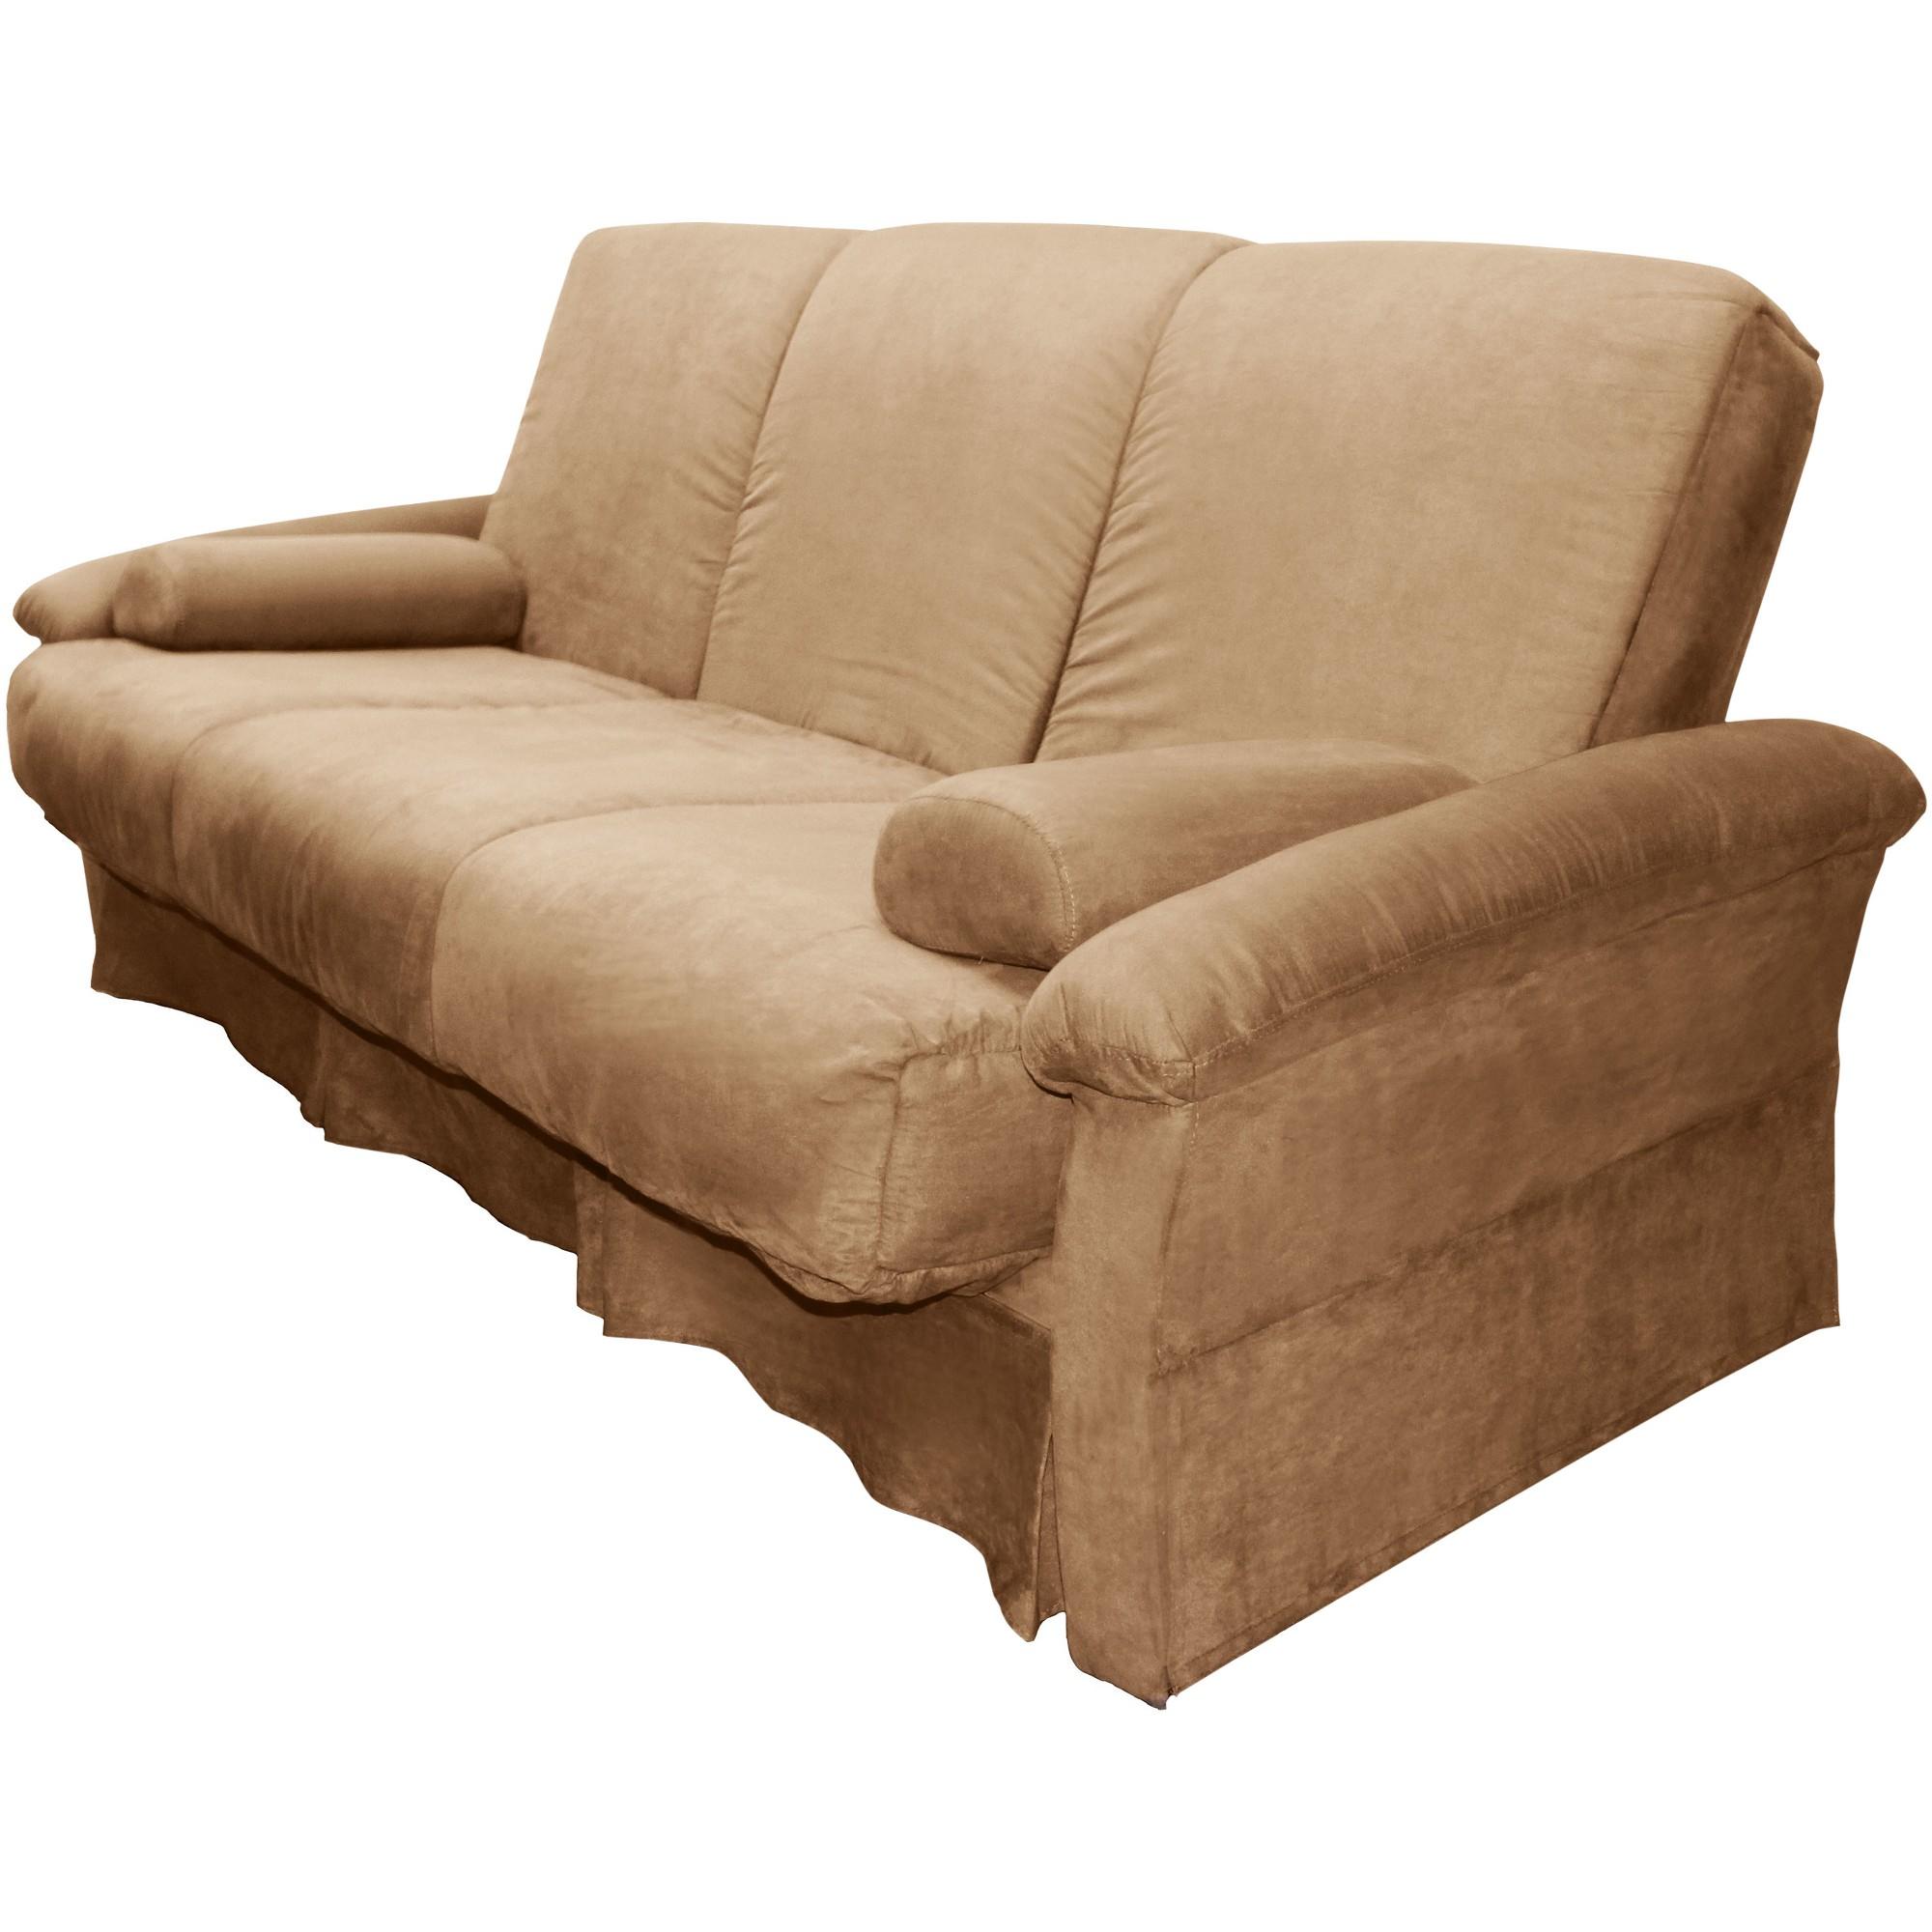 Nirvanna Perfect Futon Sofa Sleeper Khaki (Green